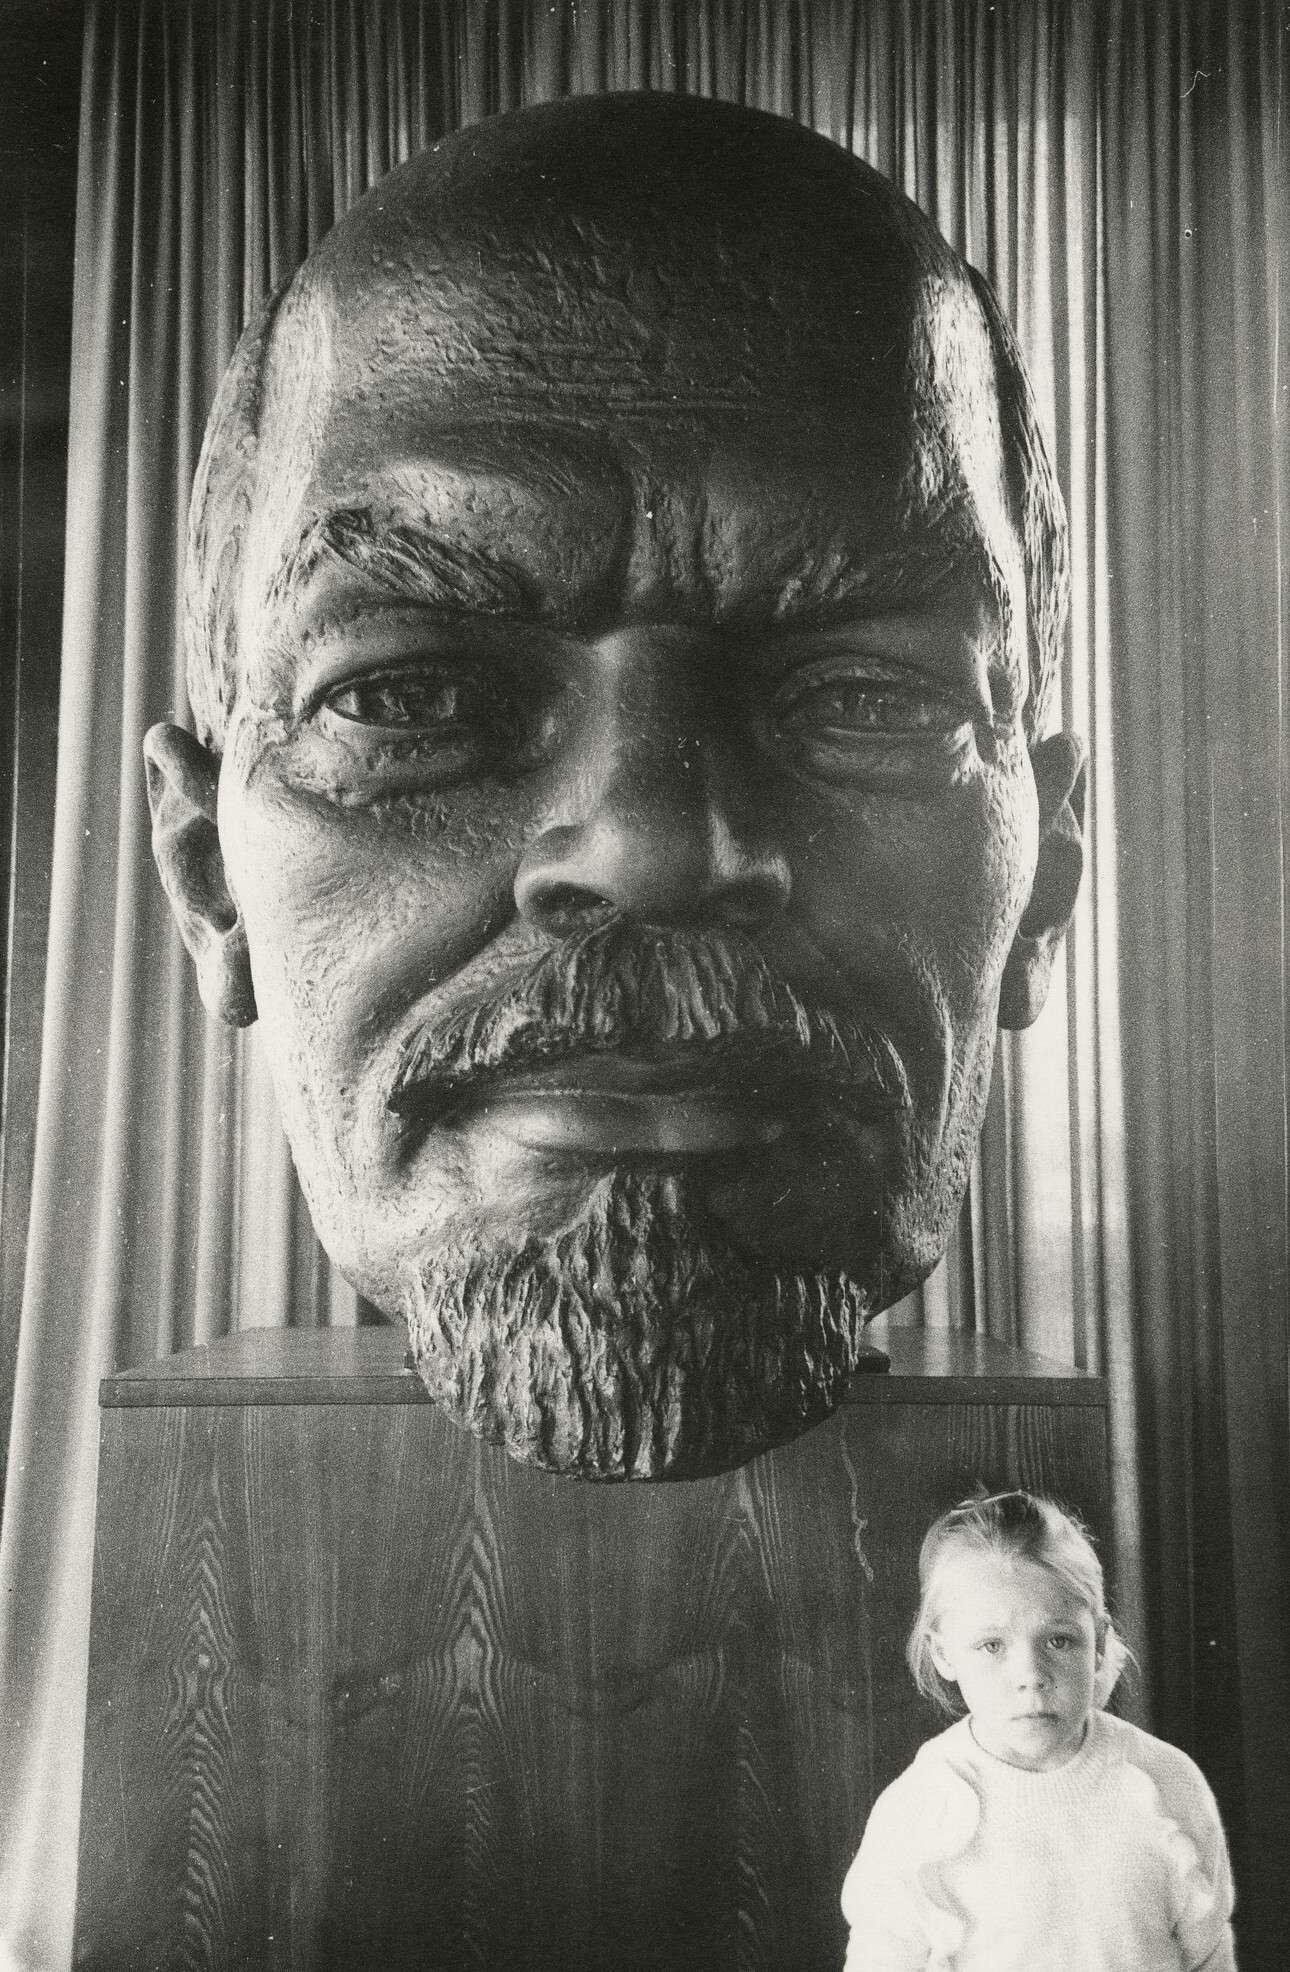 Сергей Королев.    Без названия   Ленинград, 1988